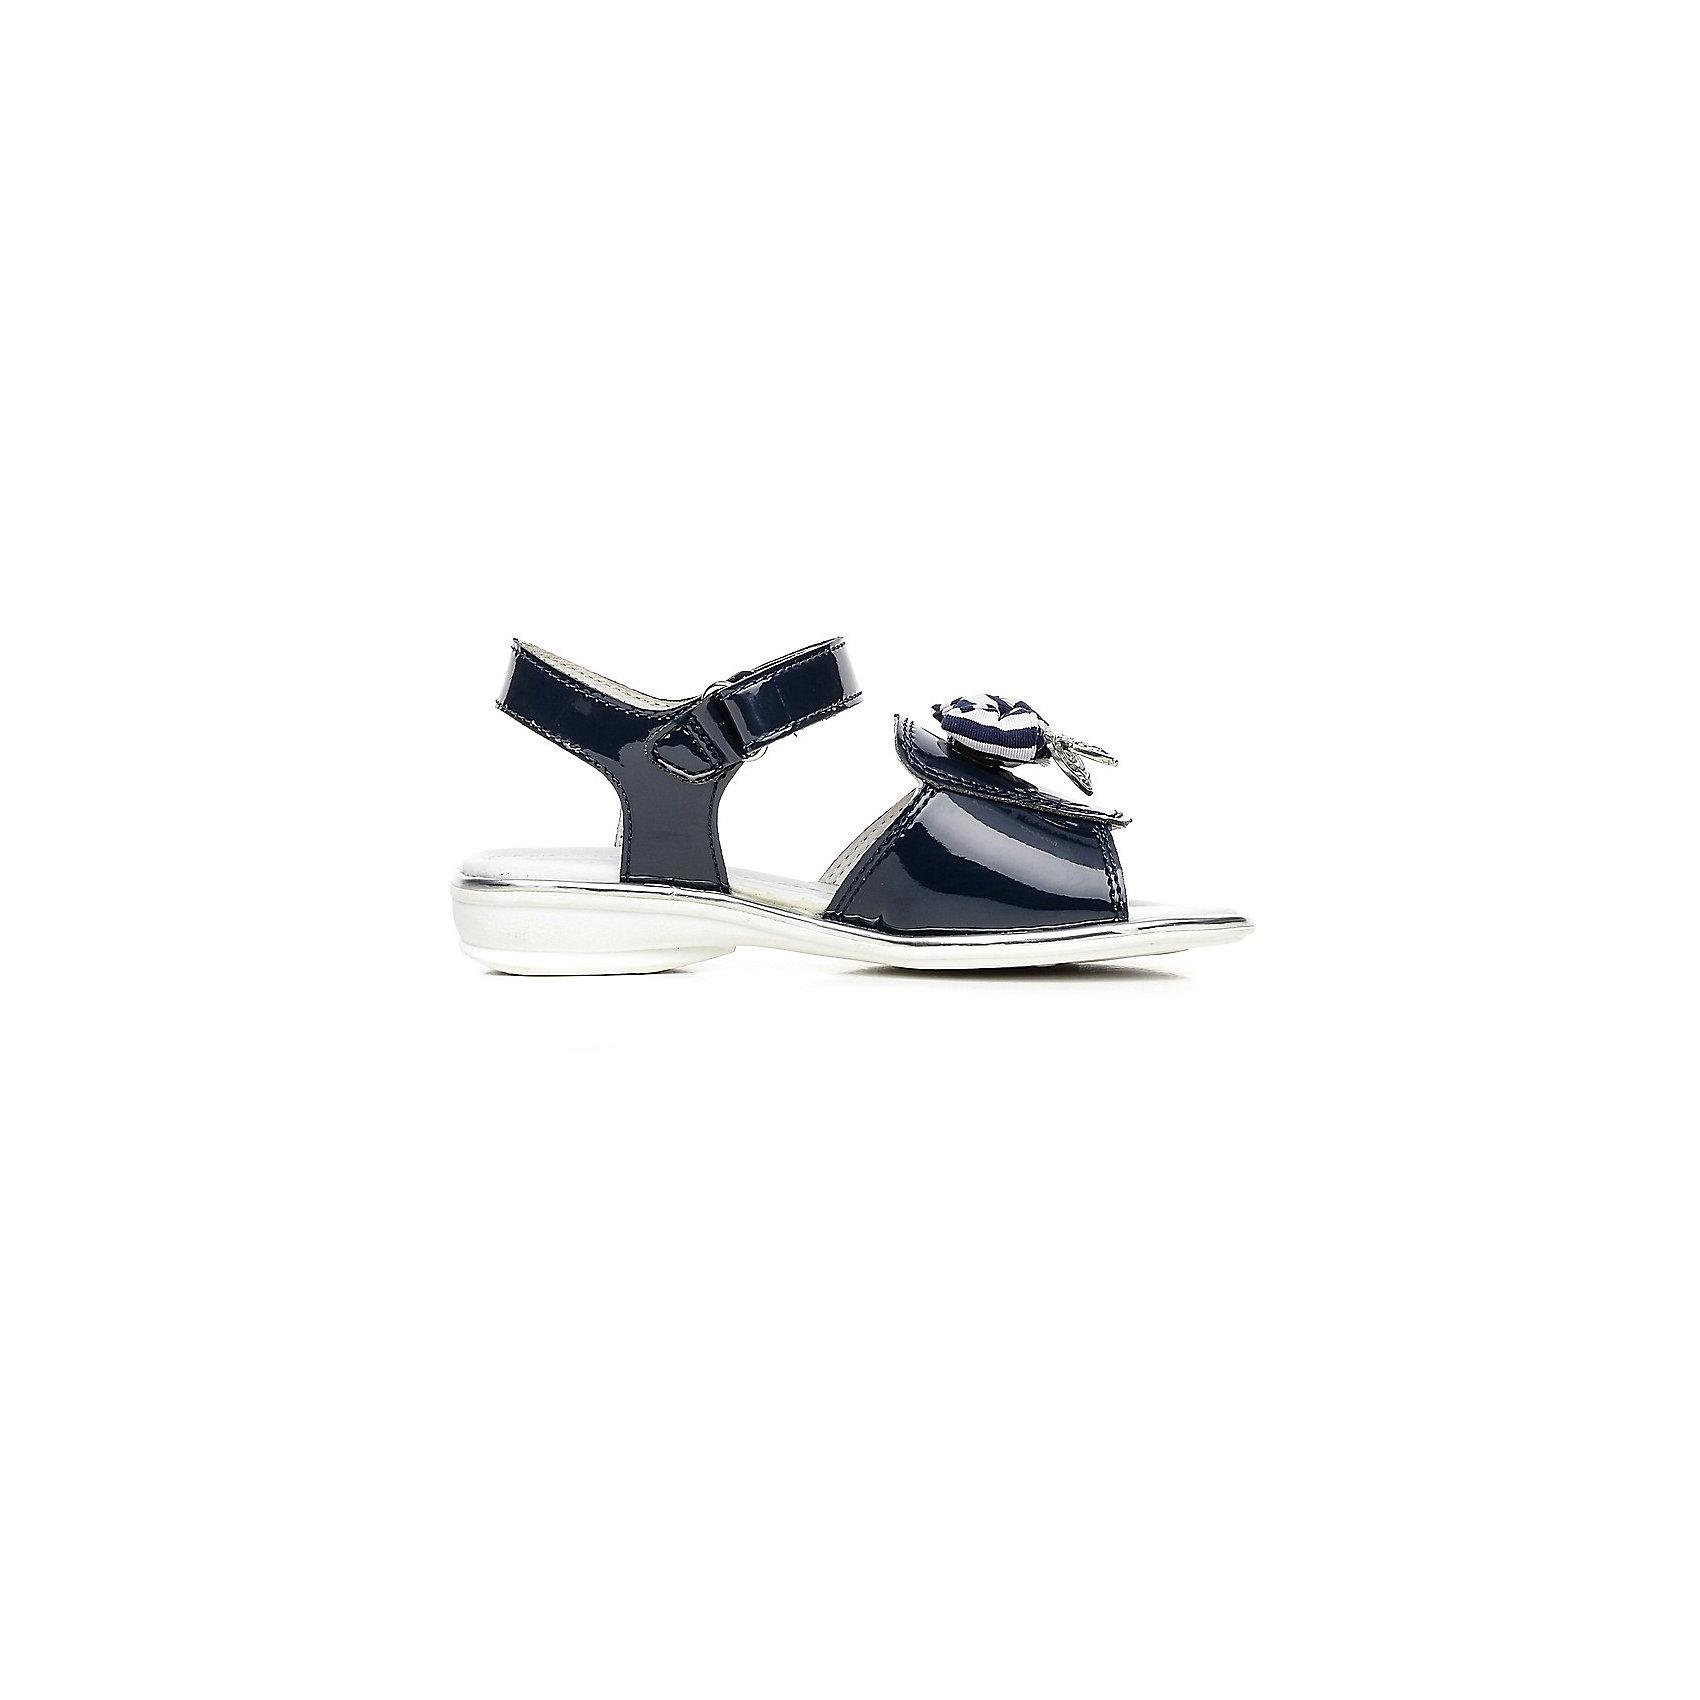 Босоножки для девочки ЗебраБосоножки для девочки от известного российского бренда детской обуви Зебра.<br>Красивые черные босоножки – это комфортная и модная обувь для летнего сезона. Они просто застегиваются благодаря липучке, отлично прилегают к ноге. Декорированы босоножки украшением из текстиля.<br>Отличительные особенности модели:<br>- модный дизайн;<br>- универсальный черный цвет;<br>- комфортная колодка;<br>- устойчивая износостойкая подошва;<br>- удобная застежка-липучка;<br>- качественные материалы.<br>Дополнительная информация:<br>- Температурный режим: от + 15° С  до + 35° С.<br>- Состав:<br>материал верха: микрофибра/текстиль<br>материал подкладки: натуральная кожа<br>подошва: резина.<br>Босоножки для девочки от бренда Зебра можно купить в нашем магазине.<br><br>Ширина мм: 219<br>Глубина мм: 154<br>Высота мм: 121<br>Вес г: 343<br>Цвет: синий<br>Возраст от месяцев: 96<br>Возраст до месяцев: 108<br>Пол: Женский<br>Возраст: Детский<br>Размер: 32,28,29,31,33,30<br>SKU: 4101435